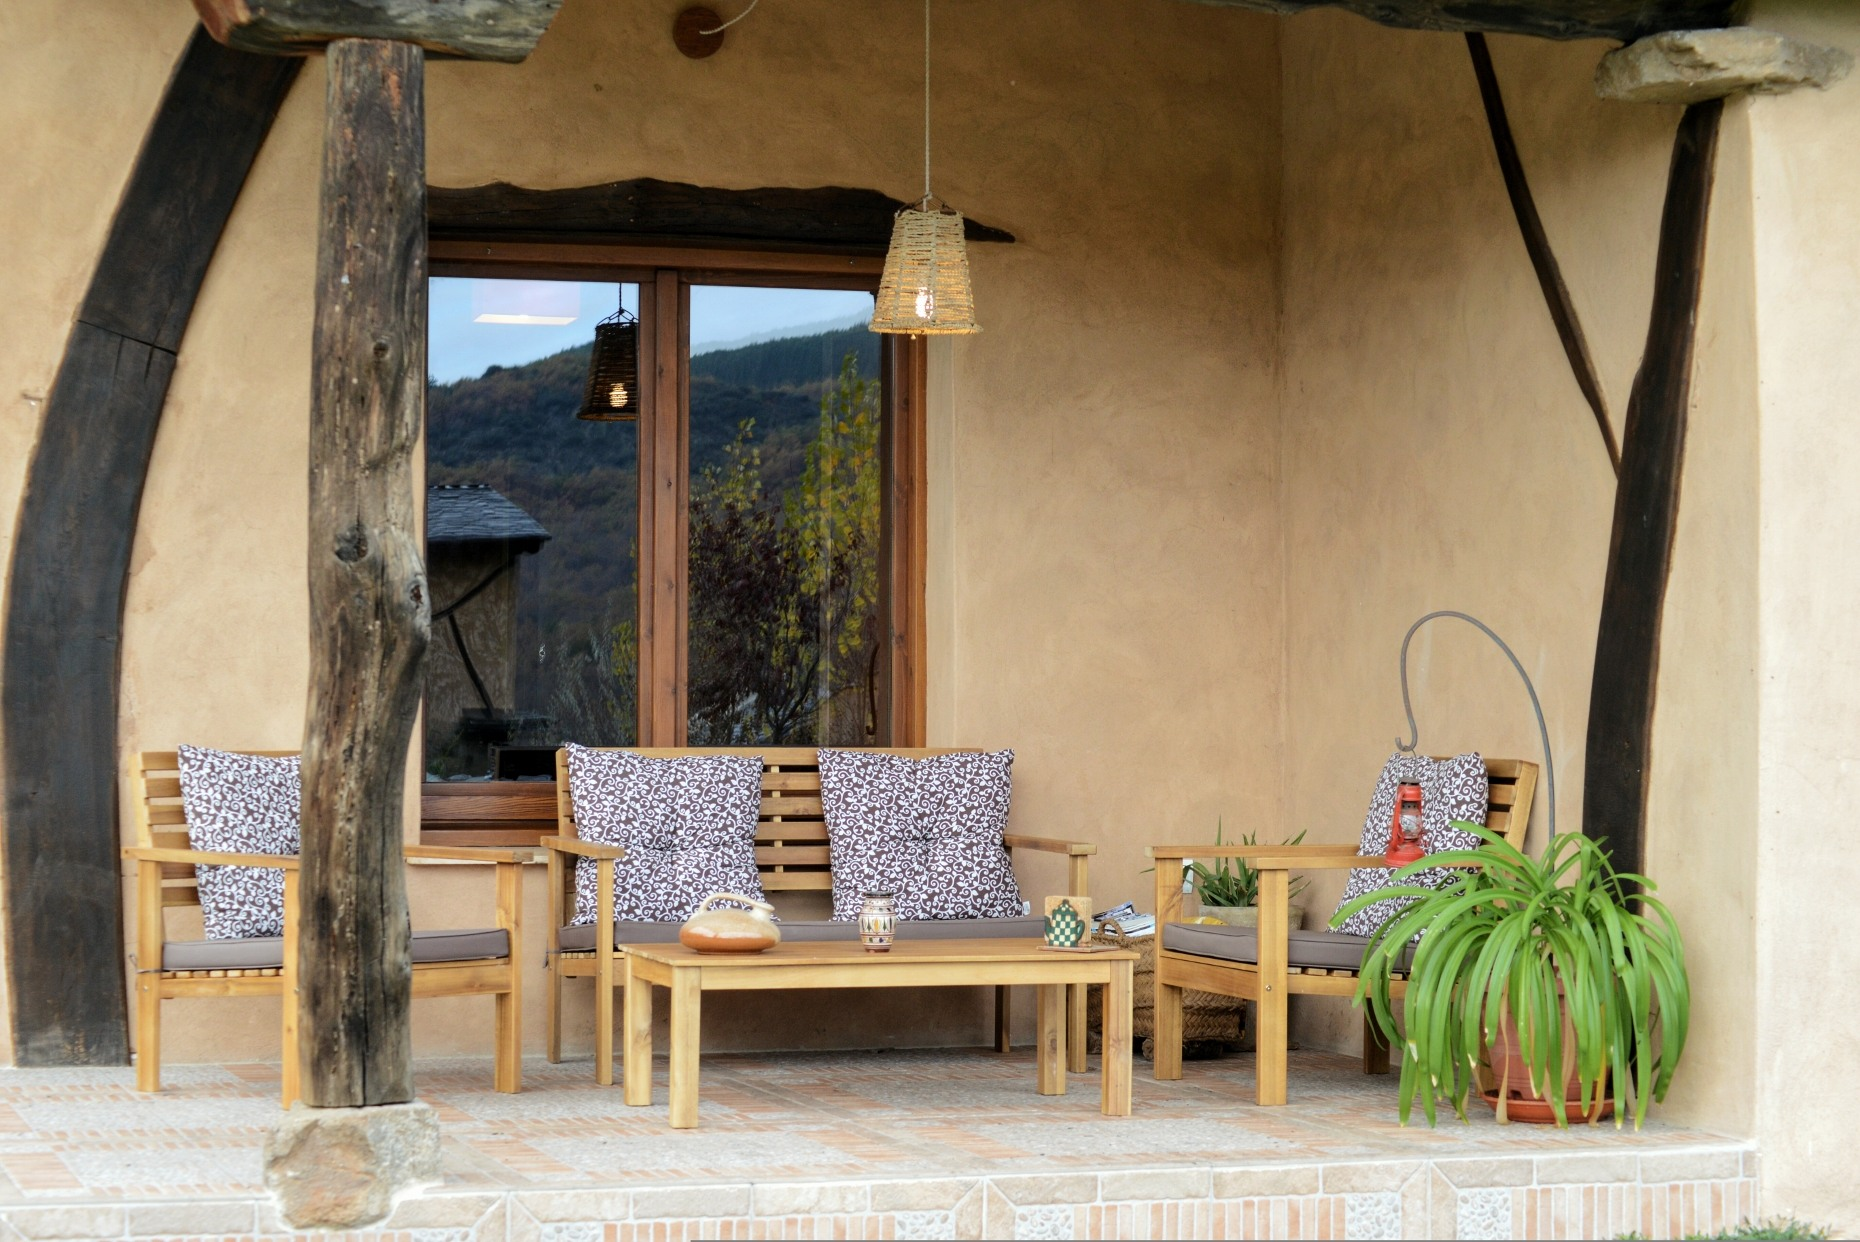 Casa rural El Encanto - El Mayulon - Terraza con ambiente especial